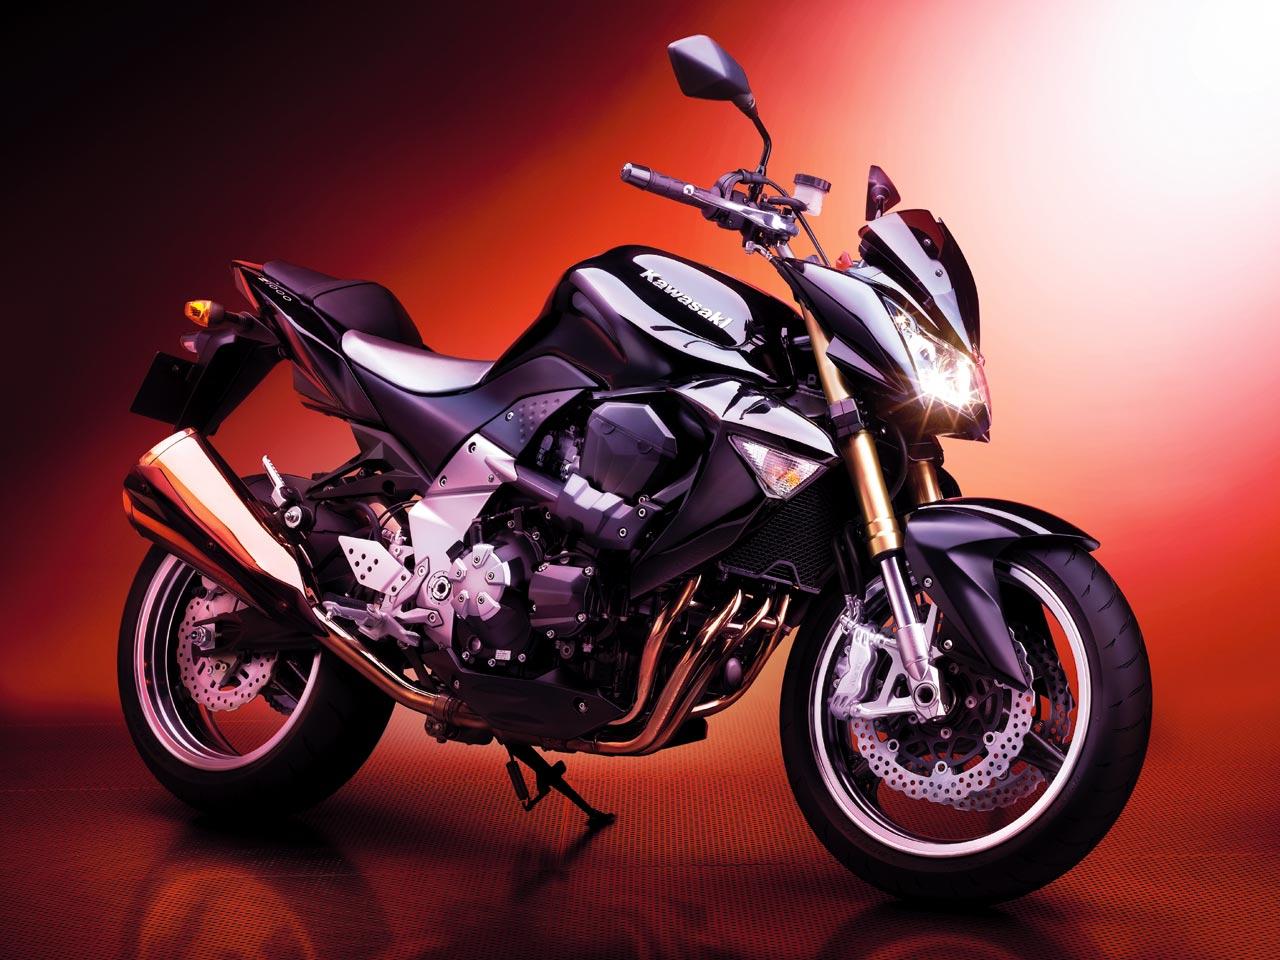 Bikes Wallpapers Suzuki Z1000